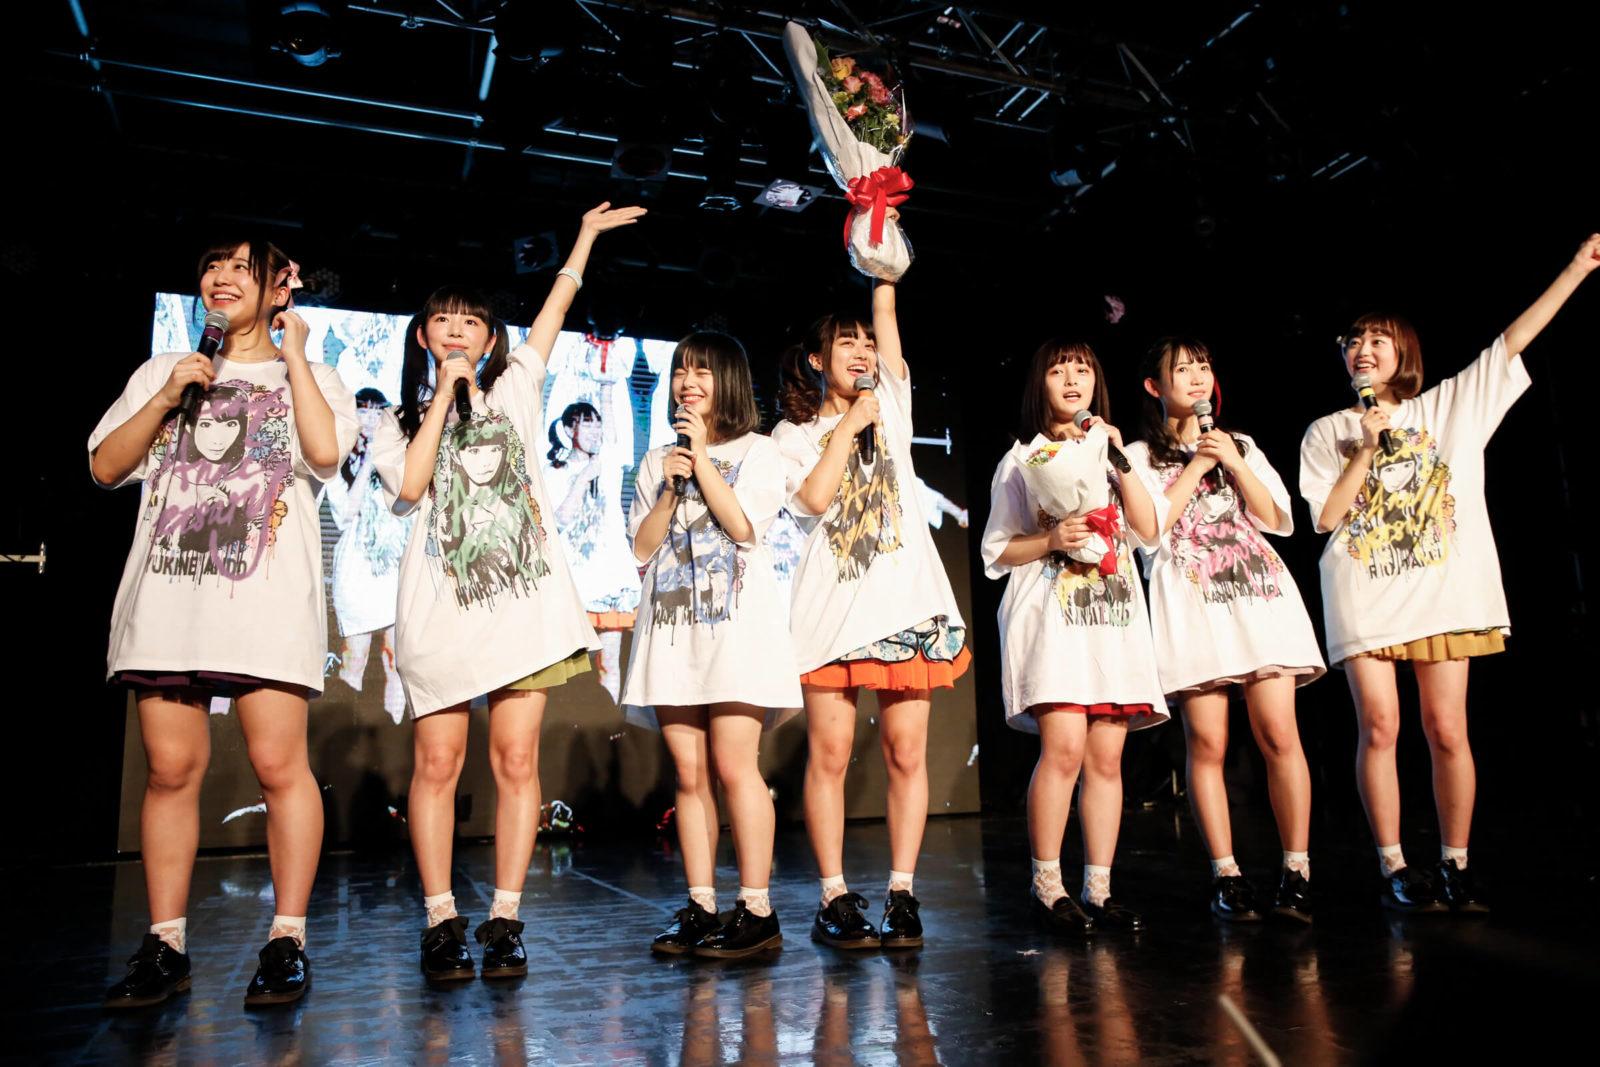 ナナランド、新メンバー笹原琴音がお披露目!結成1周年記念ライブで全力パフォーマンスサムネイル画像